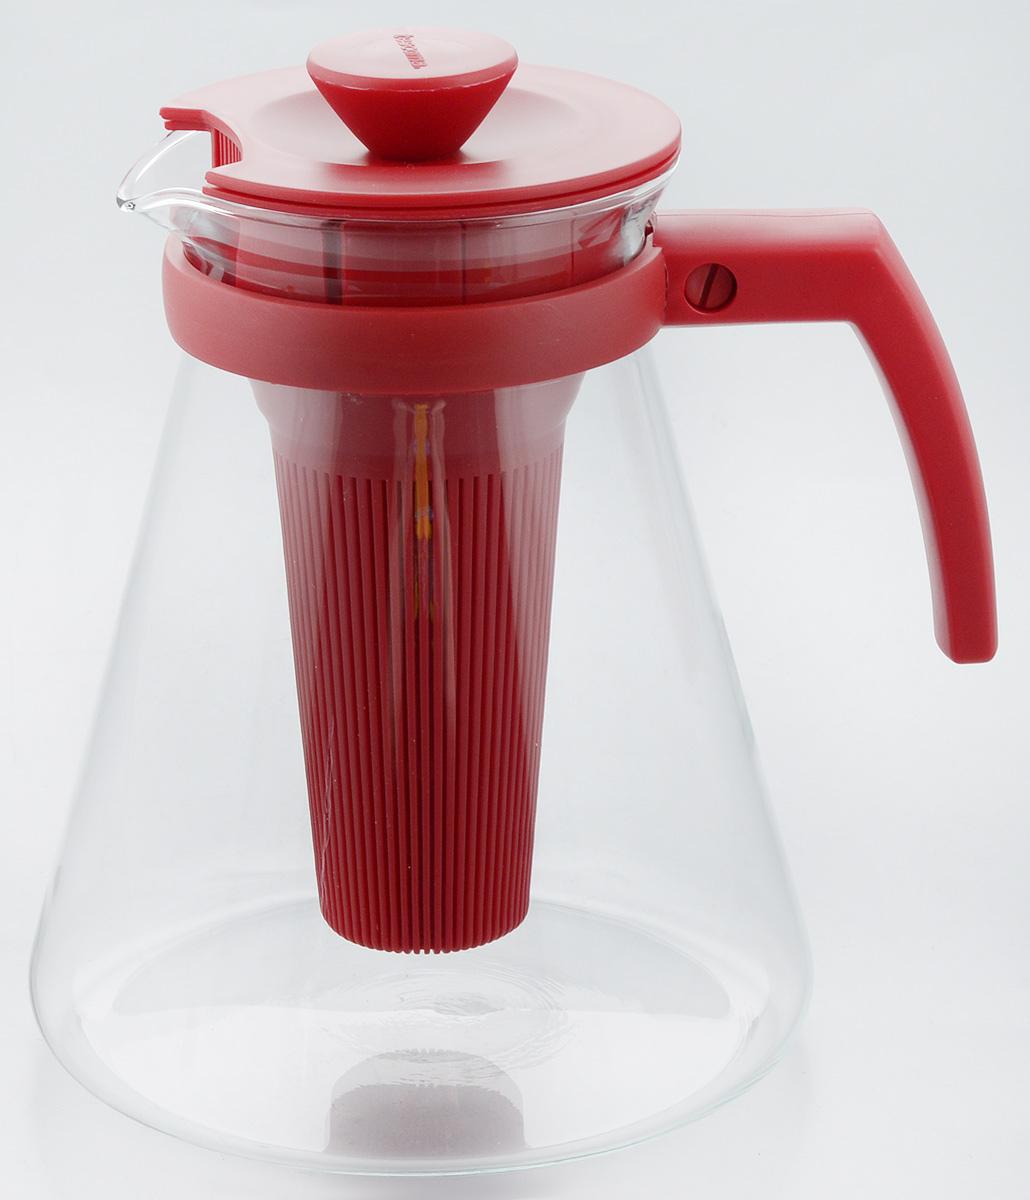 Чайник заварочный Tescoma Teo Tone, с ситечком, цвет: красный, прозрачный, 1,7 л646625.20Чайник заварочный Tescoma Teo Tone предназначен для подготовки и сервировки всех видов чая и чайных напитков. Чайник снабжен глубоким ситечком для заваривания свежей мяты, мелиссы, имбиря, сушеного шиповника, фруктов, а также очень густым ситечком для заваривания всех видов рассыпного чая. Корпус чайника изготовлен из термостойкого боросиликатного стекла, поэтому его можно ставить на плиту. Ручка, крышка и ситечко изготовлены из прочного пластика. Чайник подходит для газовых, электрических и стеклокерамических плит, микроволновой печи. Не рекомендуется мыть в посудомоечной машине. Инструкция по использованию внутри упаковки. Диаметр (по верхнему краю): 10 см. Диаметр основания: 16 см. Высота: 18 см.